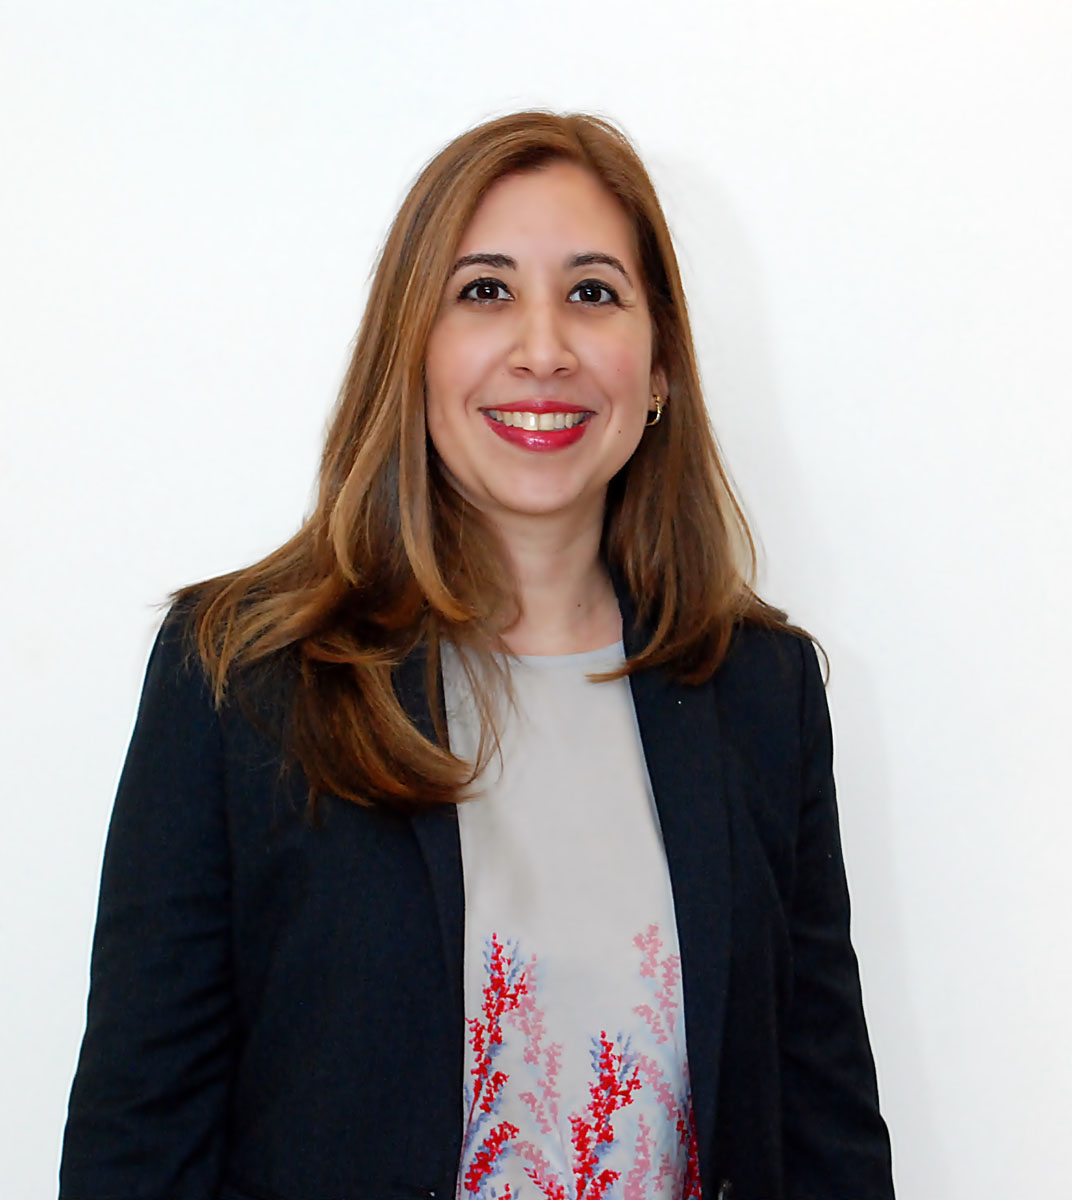 Mónika Fiallo Paradas    2da Vicepresidente